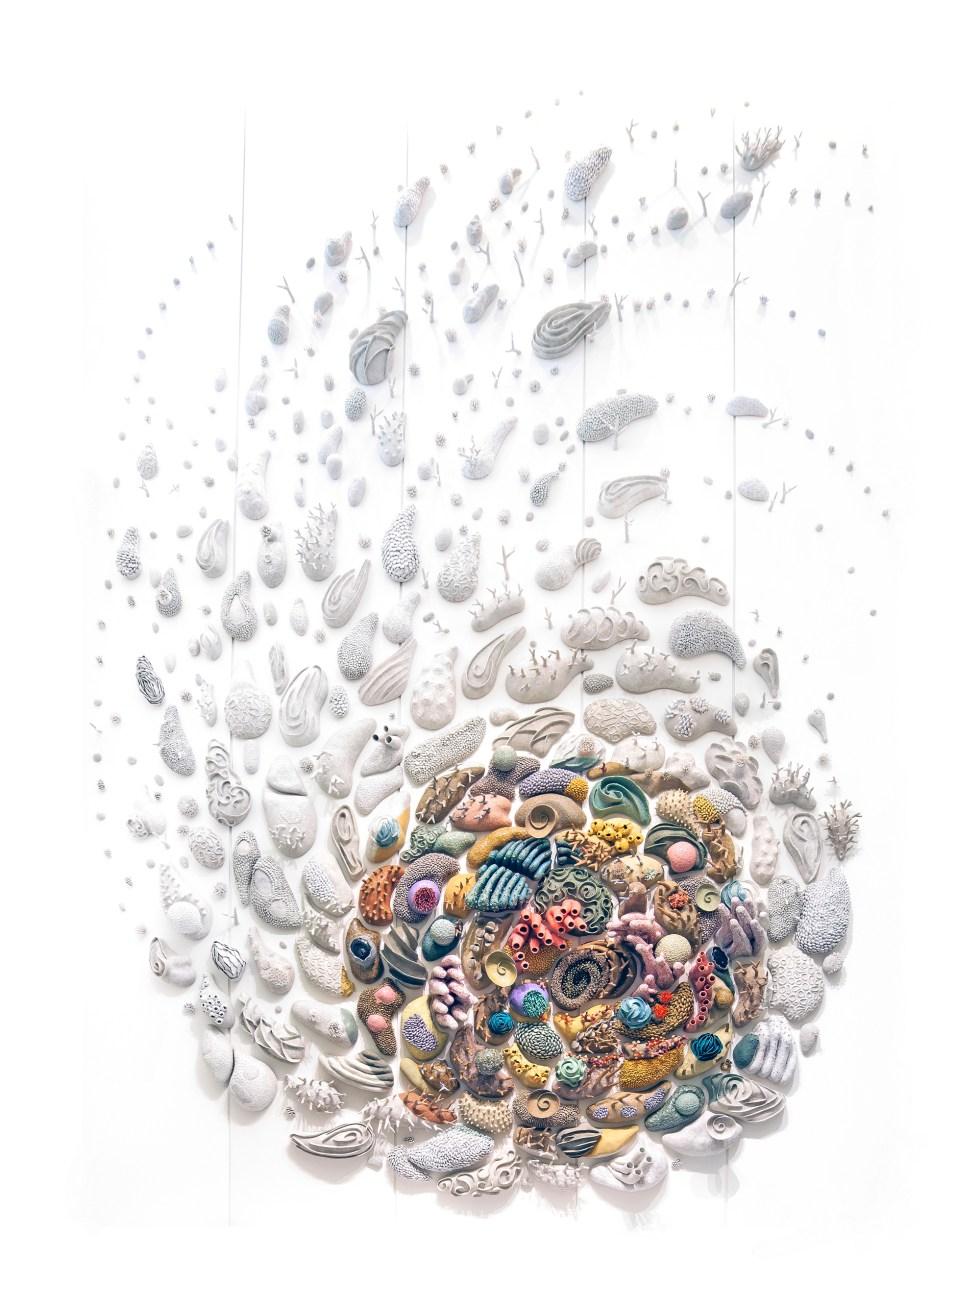 """""""Confluence (Our Changing Seas V)"""" (2018), Glazed stoneware + porcelain, 846 x 570 x 50 cm, image by Amanda Brooks"""